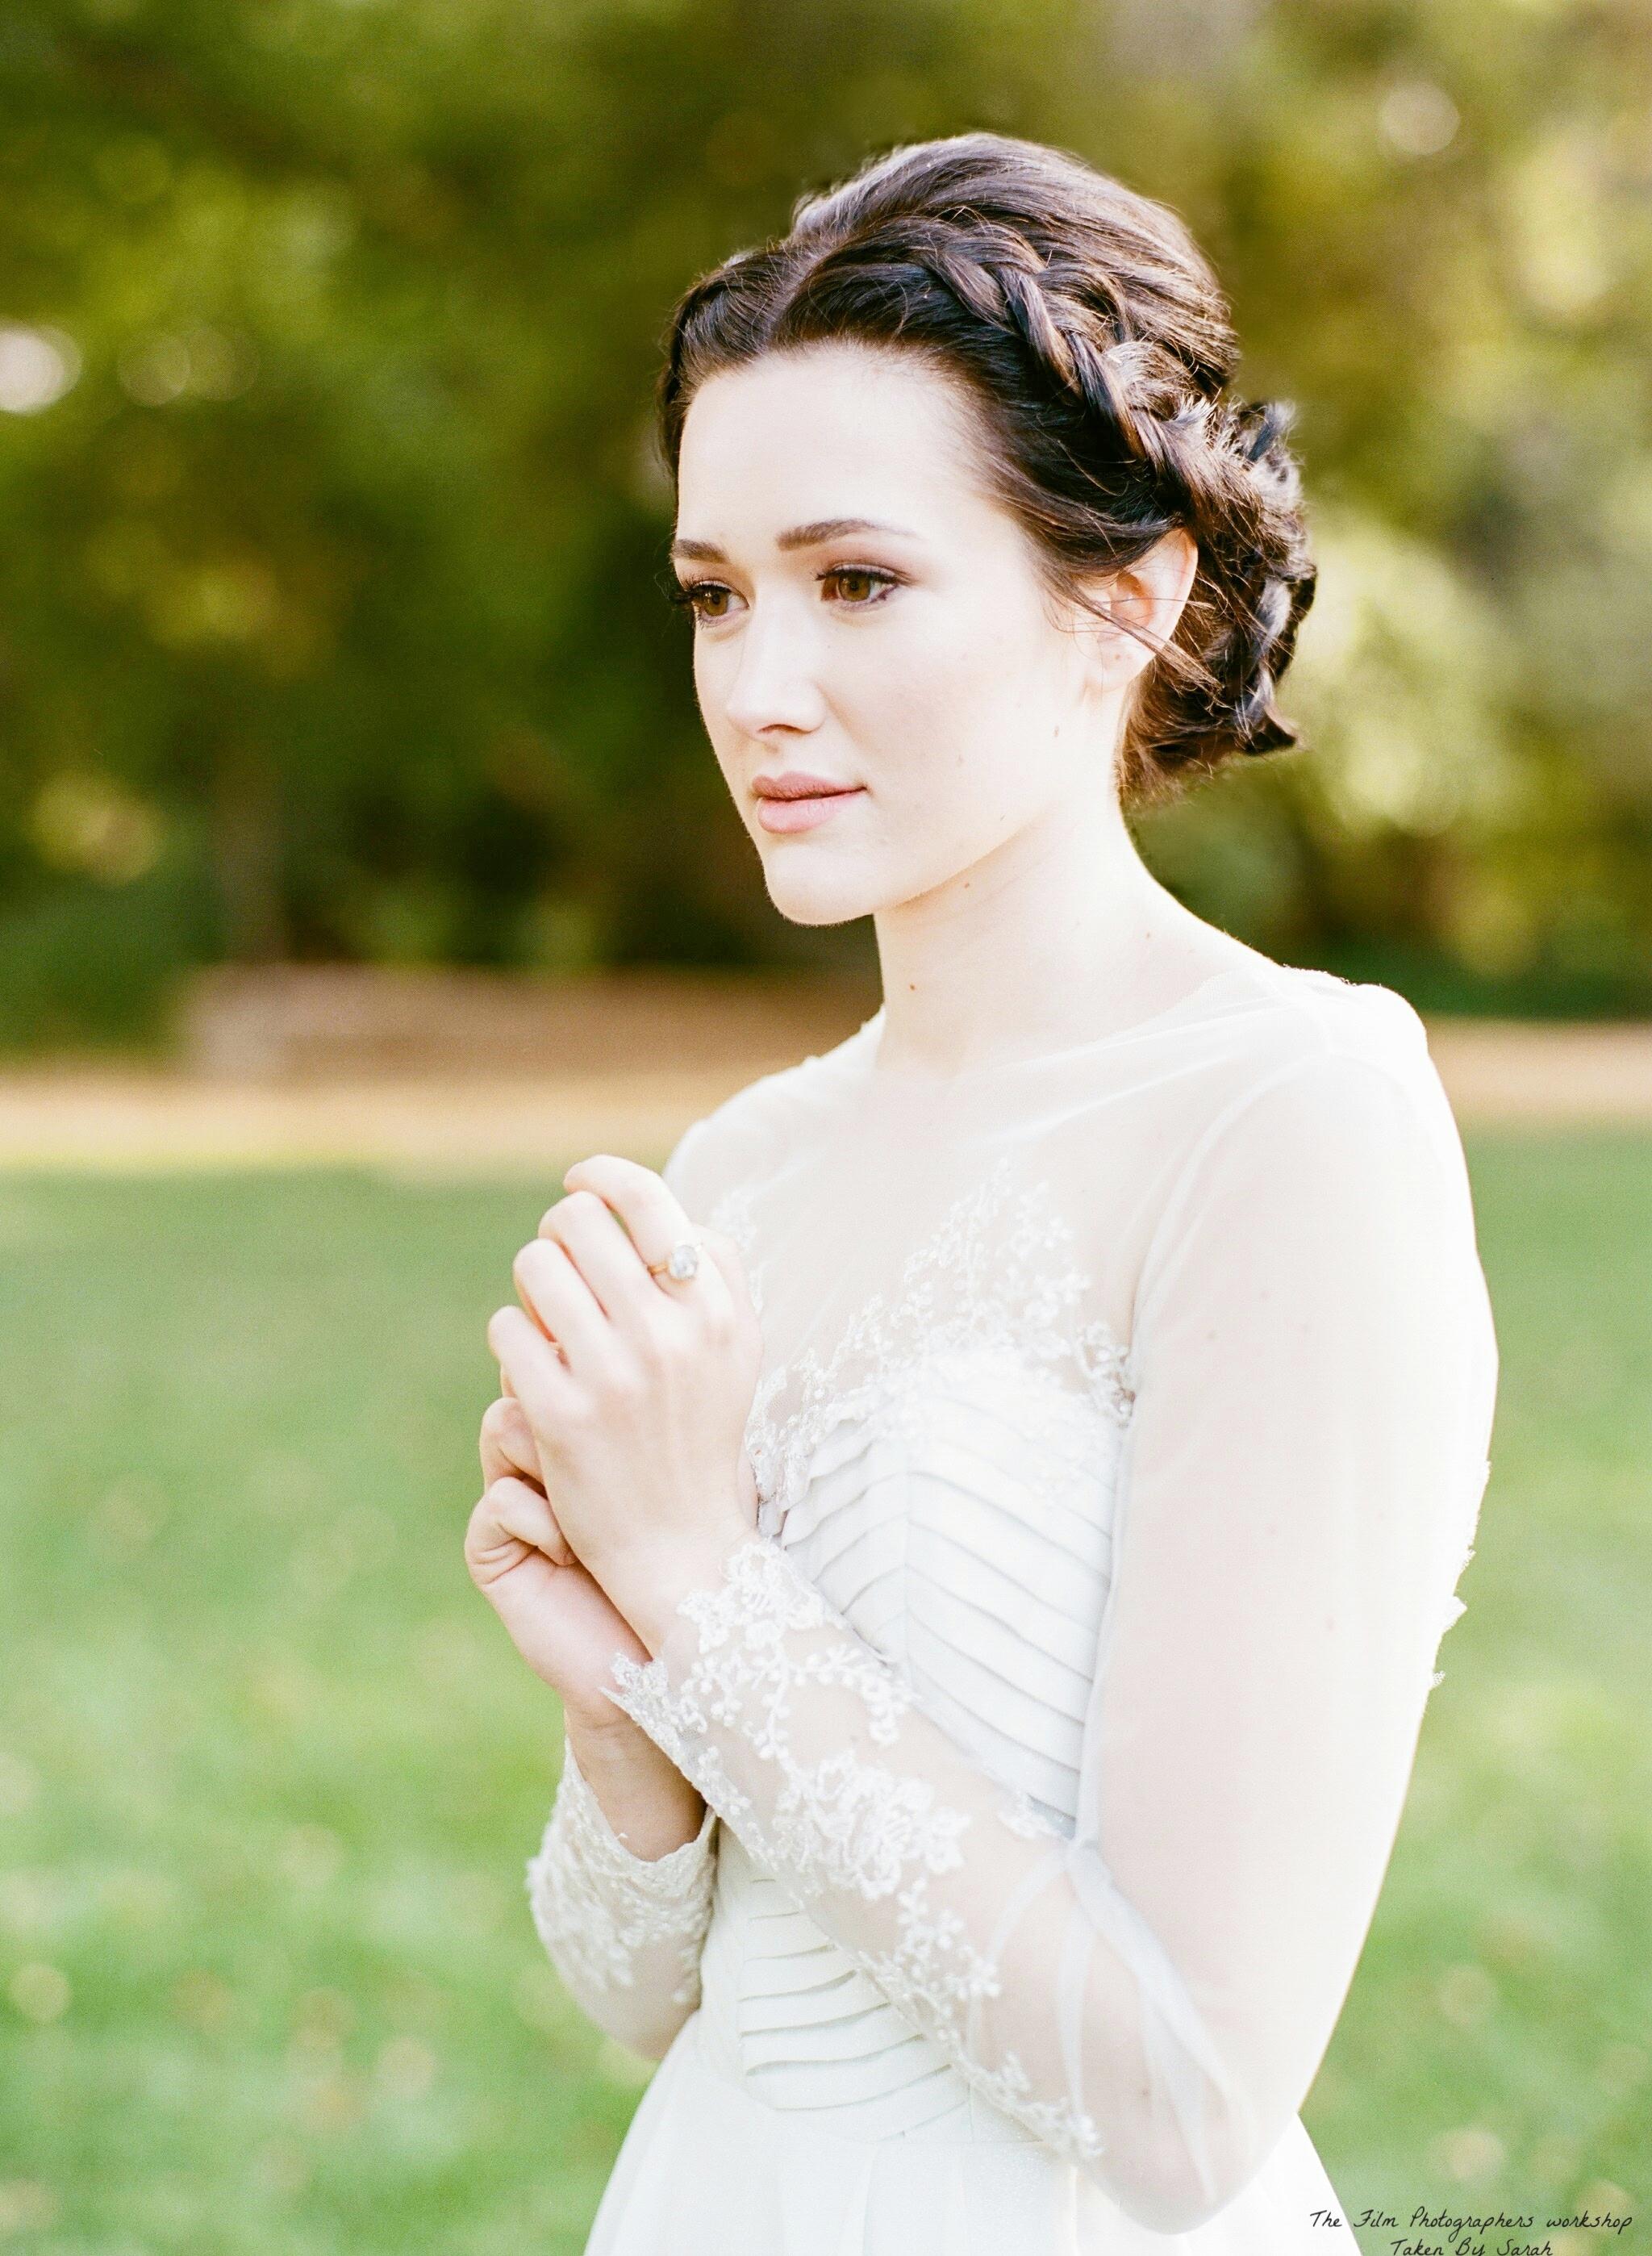 best on location wedding hairstylist bridal hair in san diego temecula fallbrook